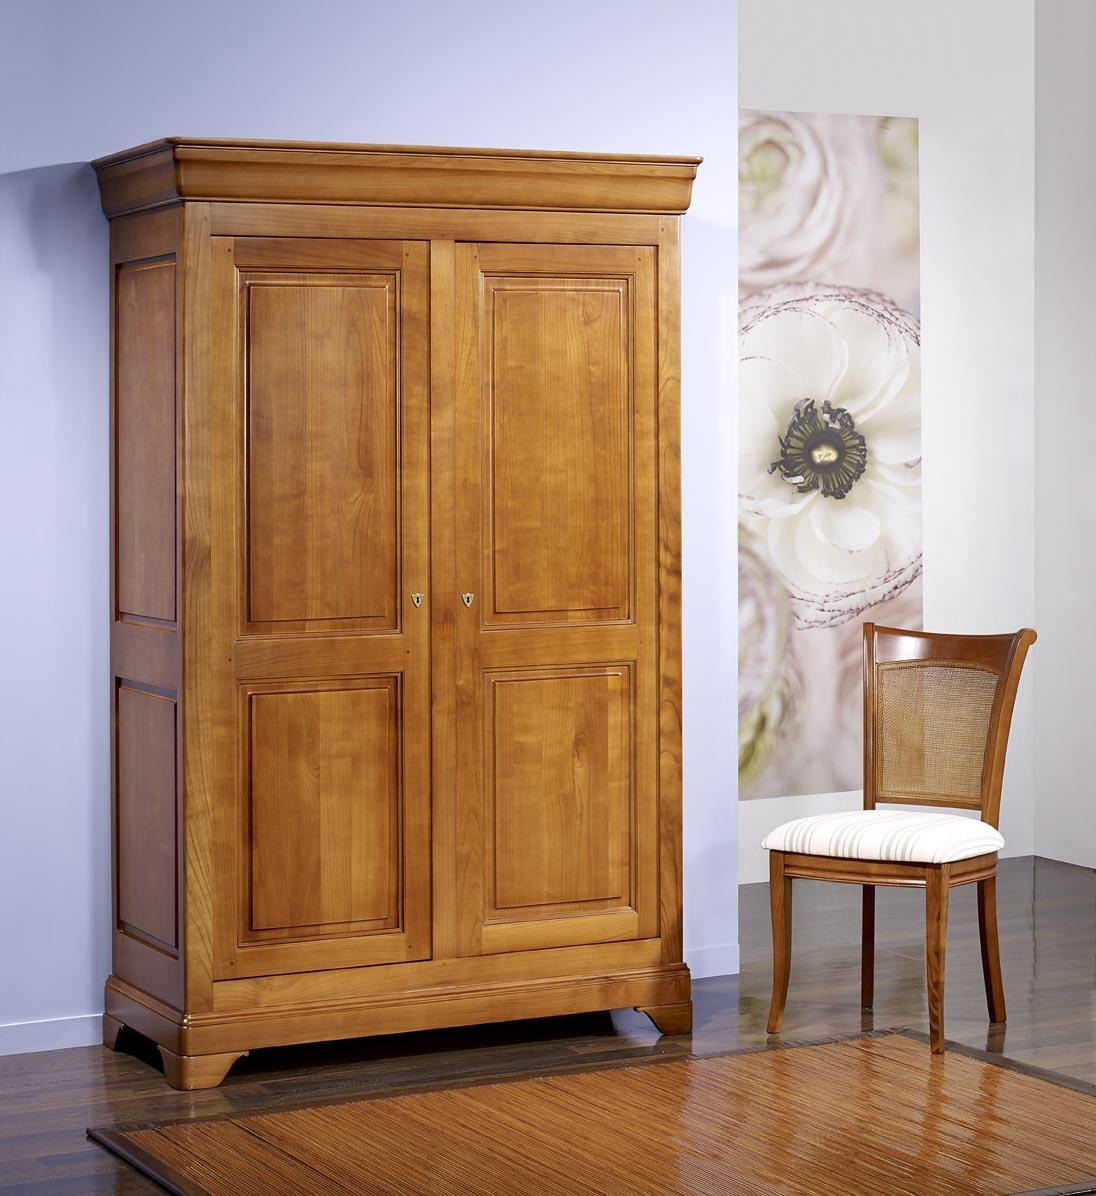 Armoire 2 Portes Melodie Realisee En Merisier Massif De Style Louis Philippe 132 Cm De Large